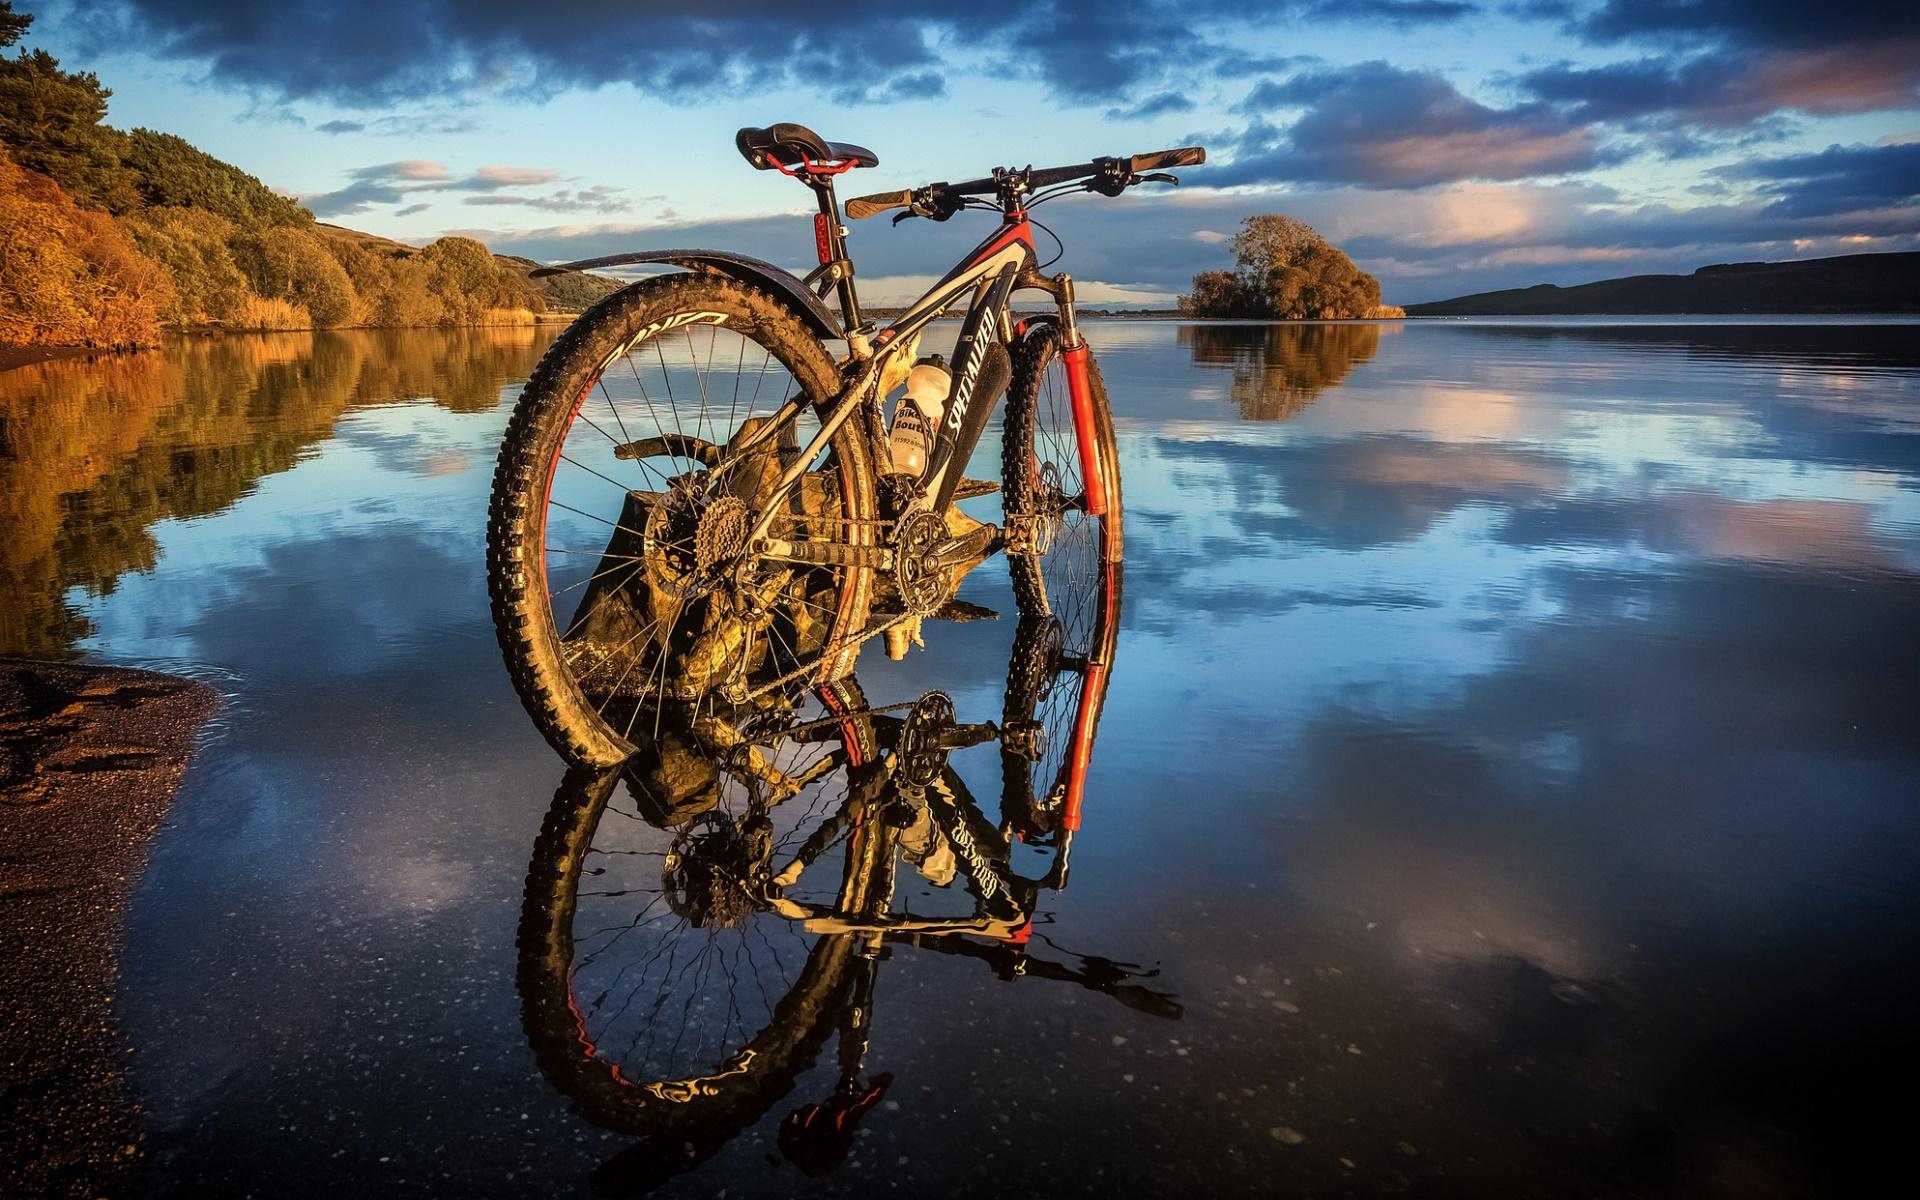 картинки велосипед огонь и вода настоящее